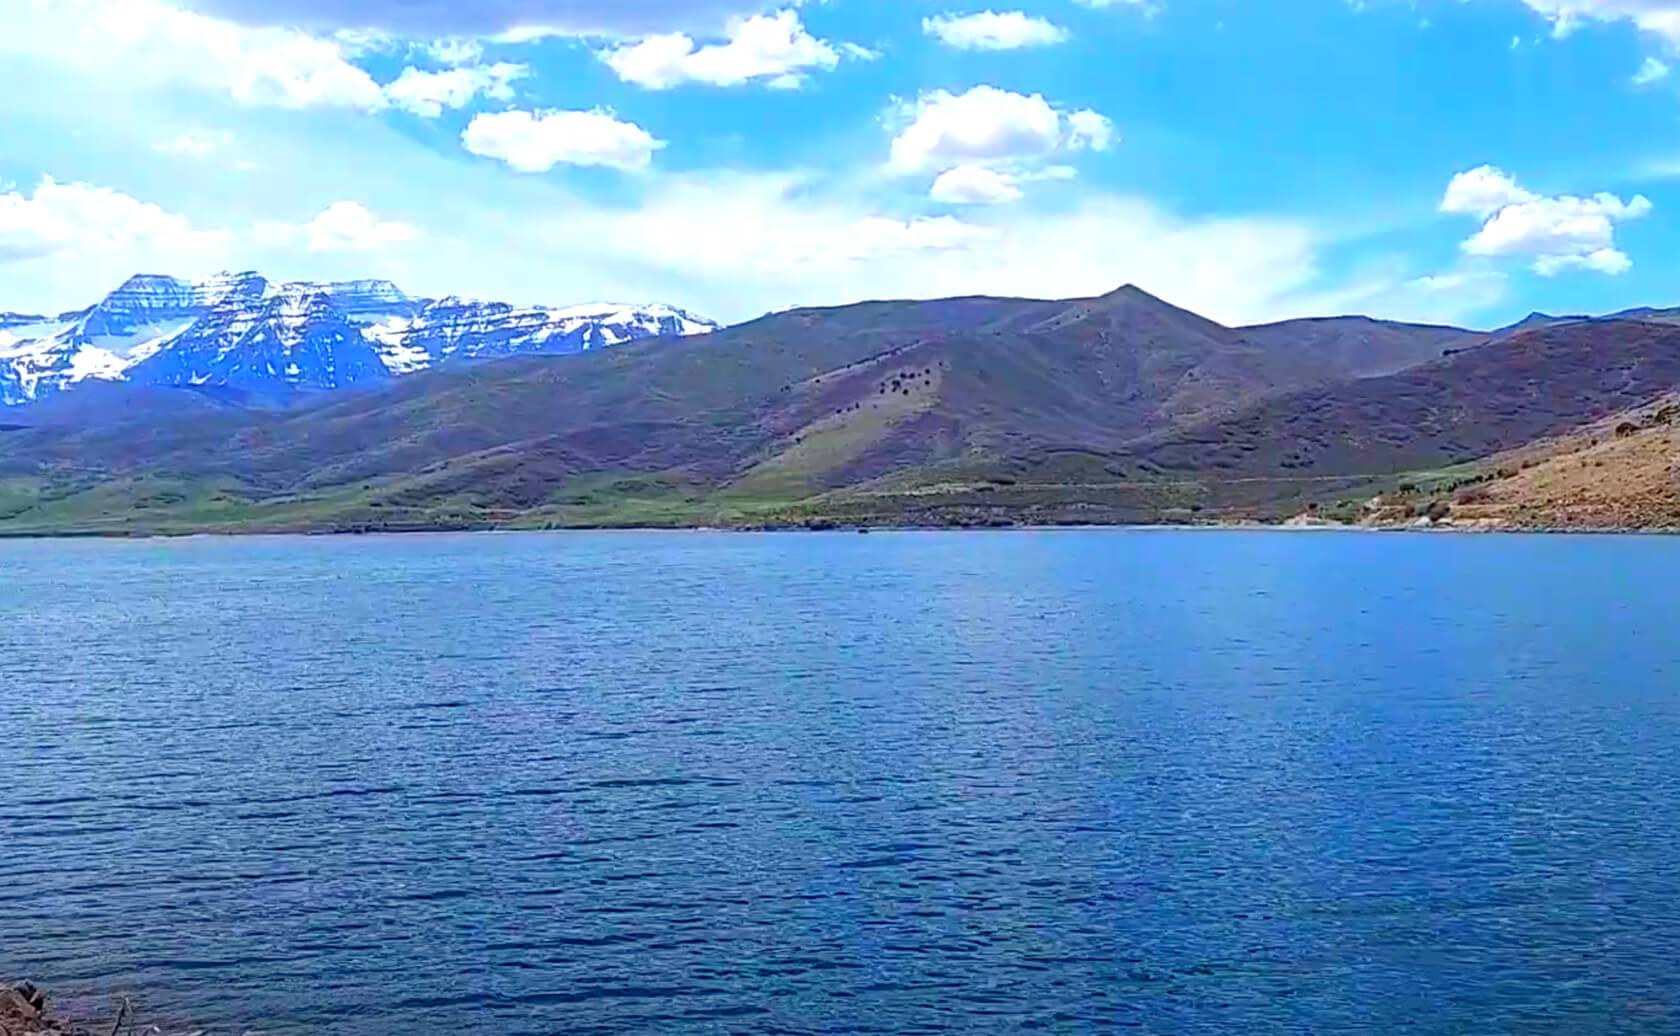 Deer-Creek-Lake-Fishing-Guide-Report-Utah-05